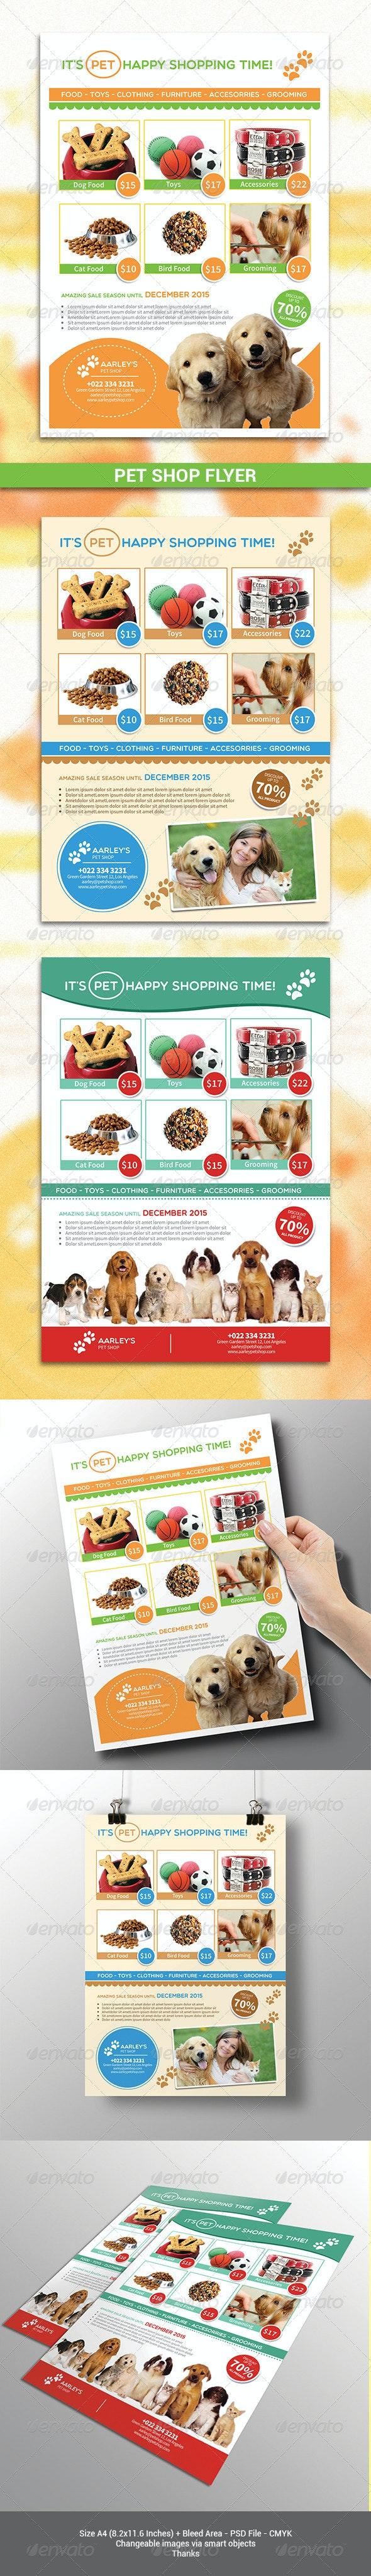 Pet Shop Flyer - Corporate Flyers